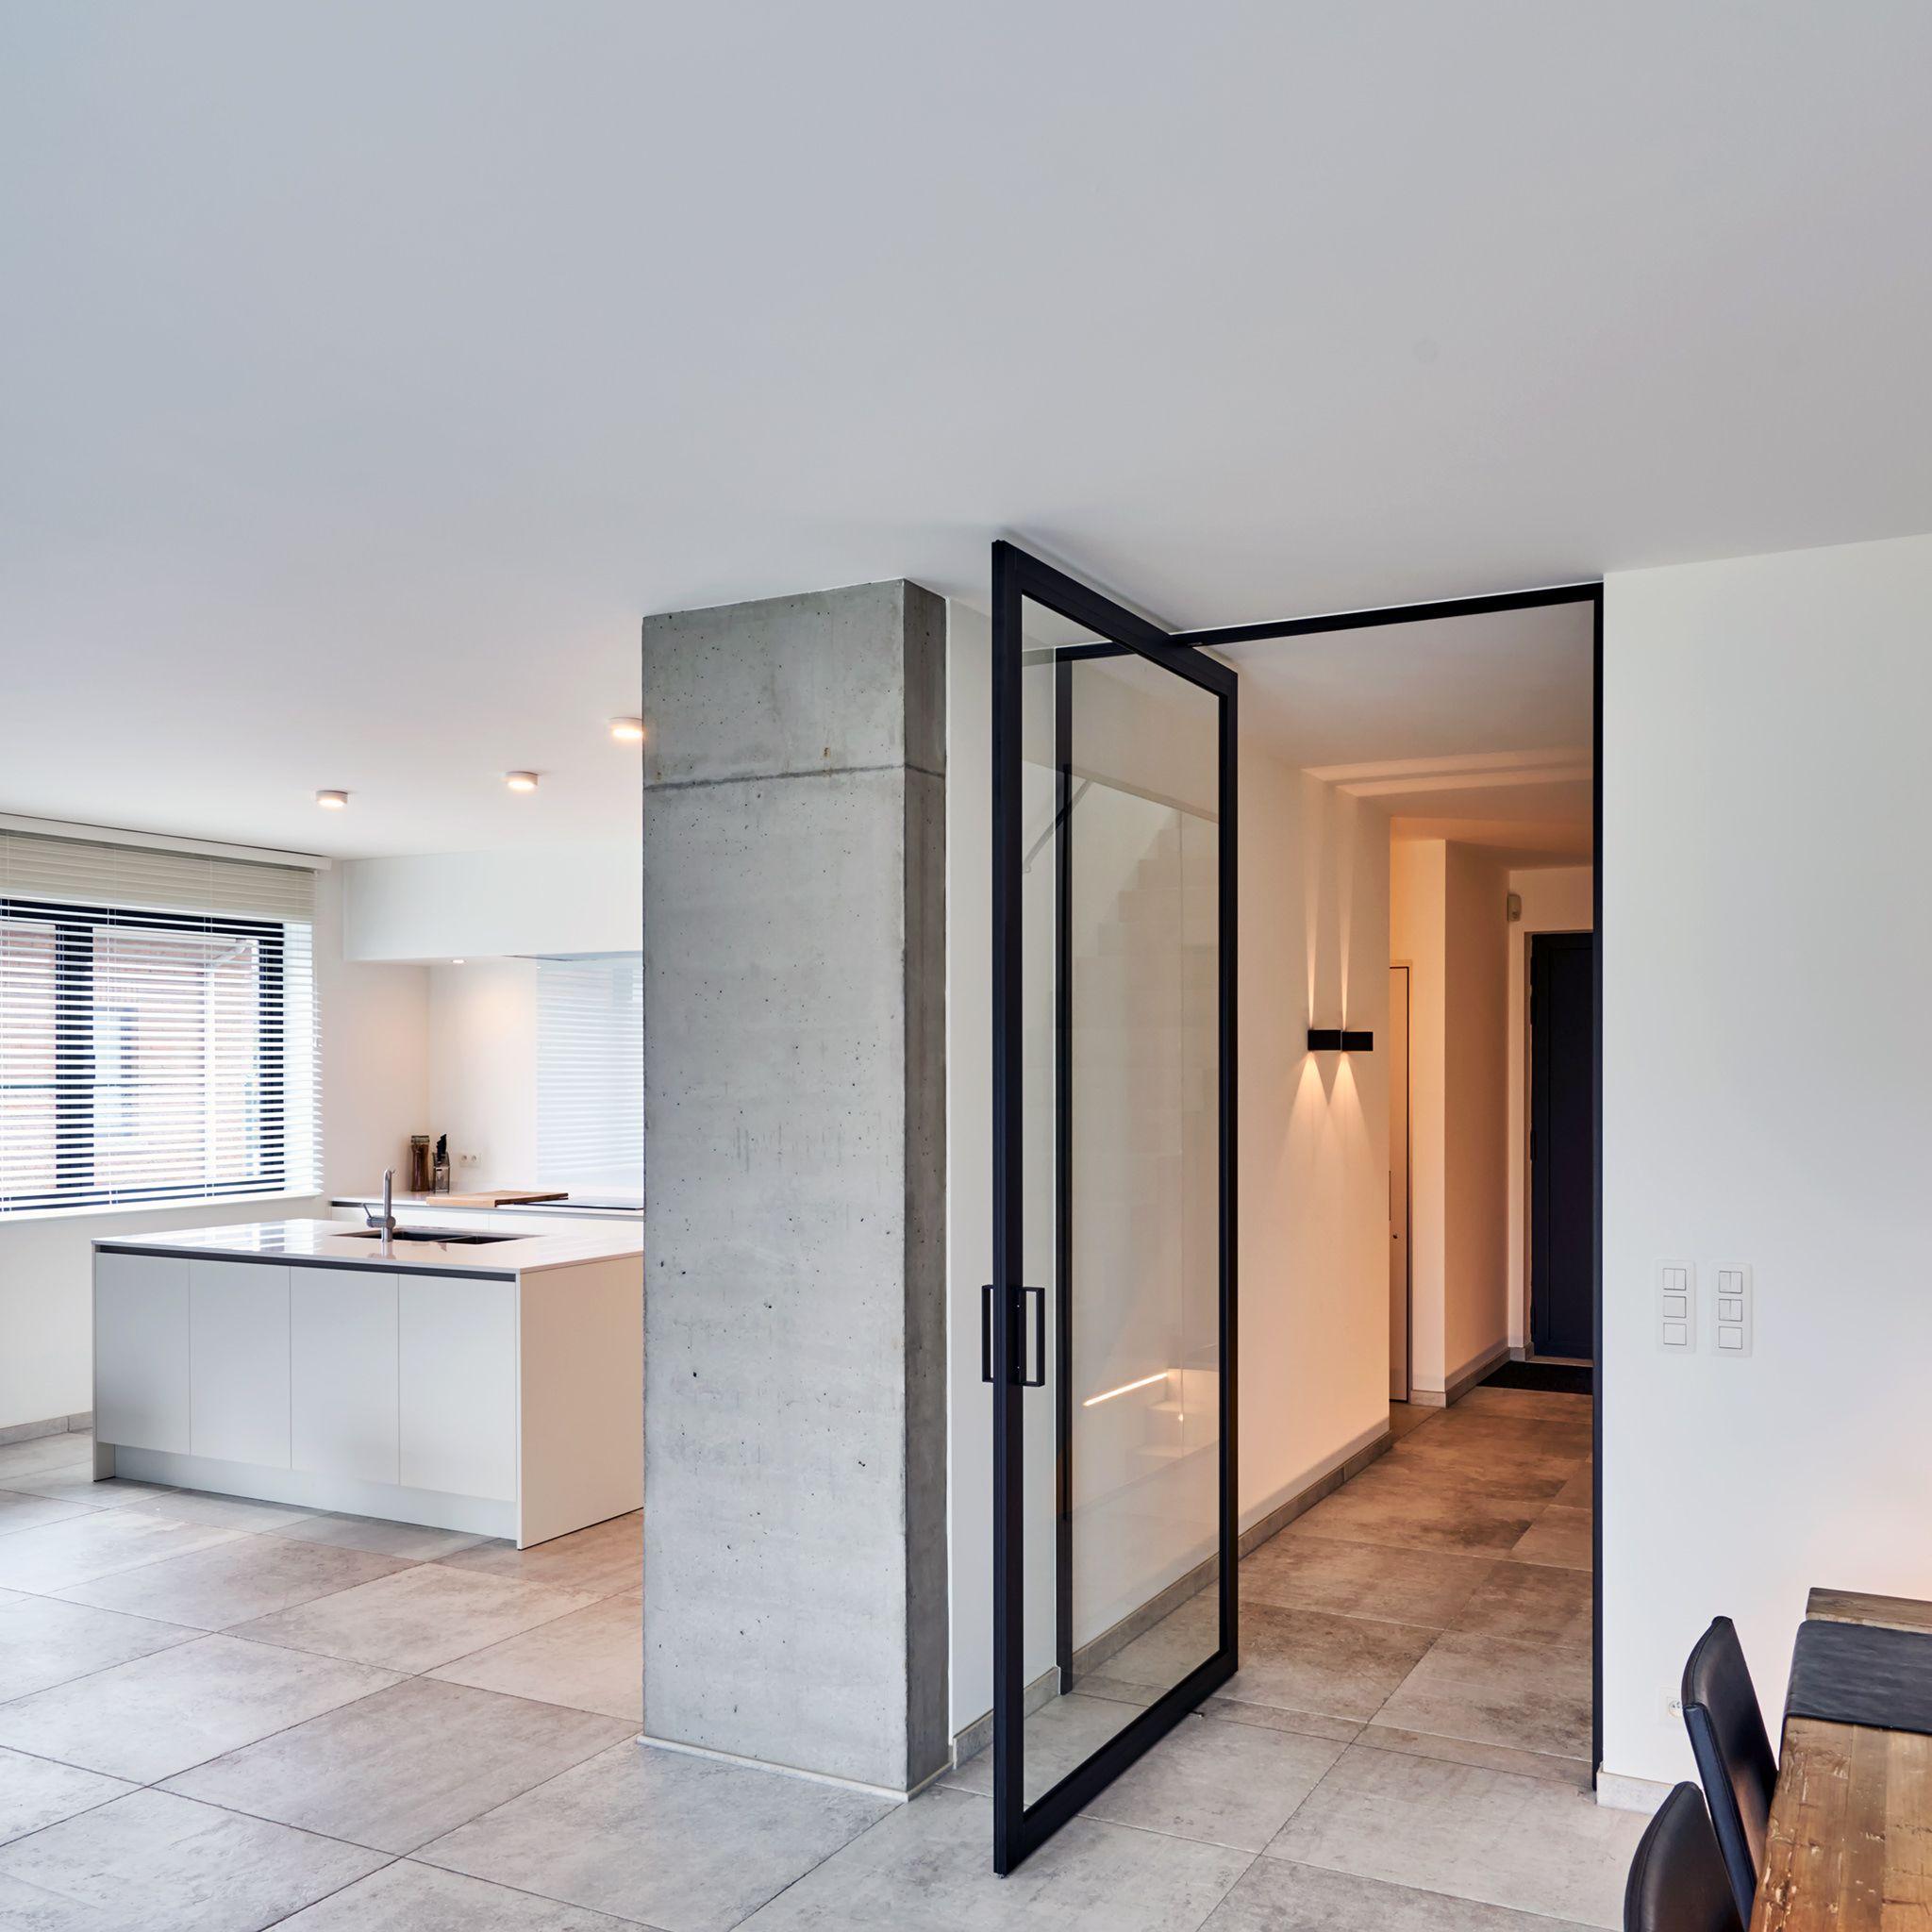 porte vitr e sur pivot d sax look acier portes pinterest porte vitr e acier et portes. Black Bedroom Furniture Sets. Home Design Ideas